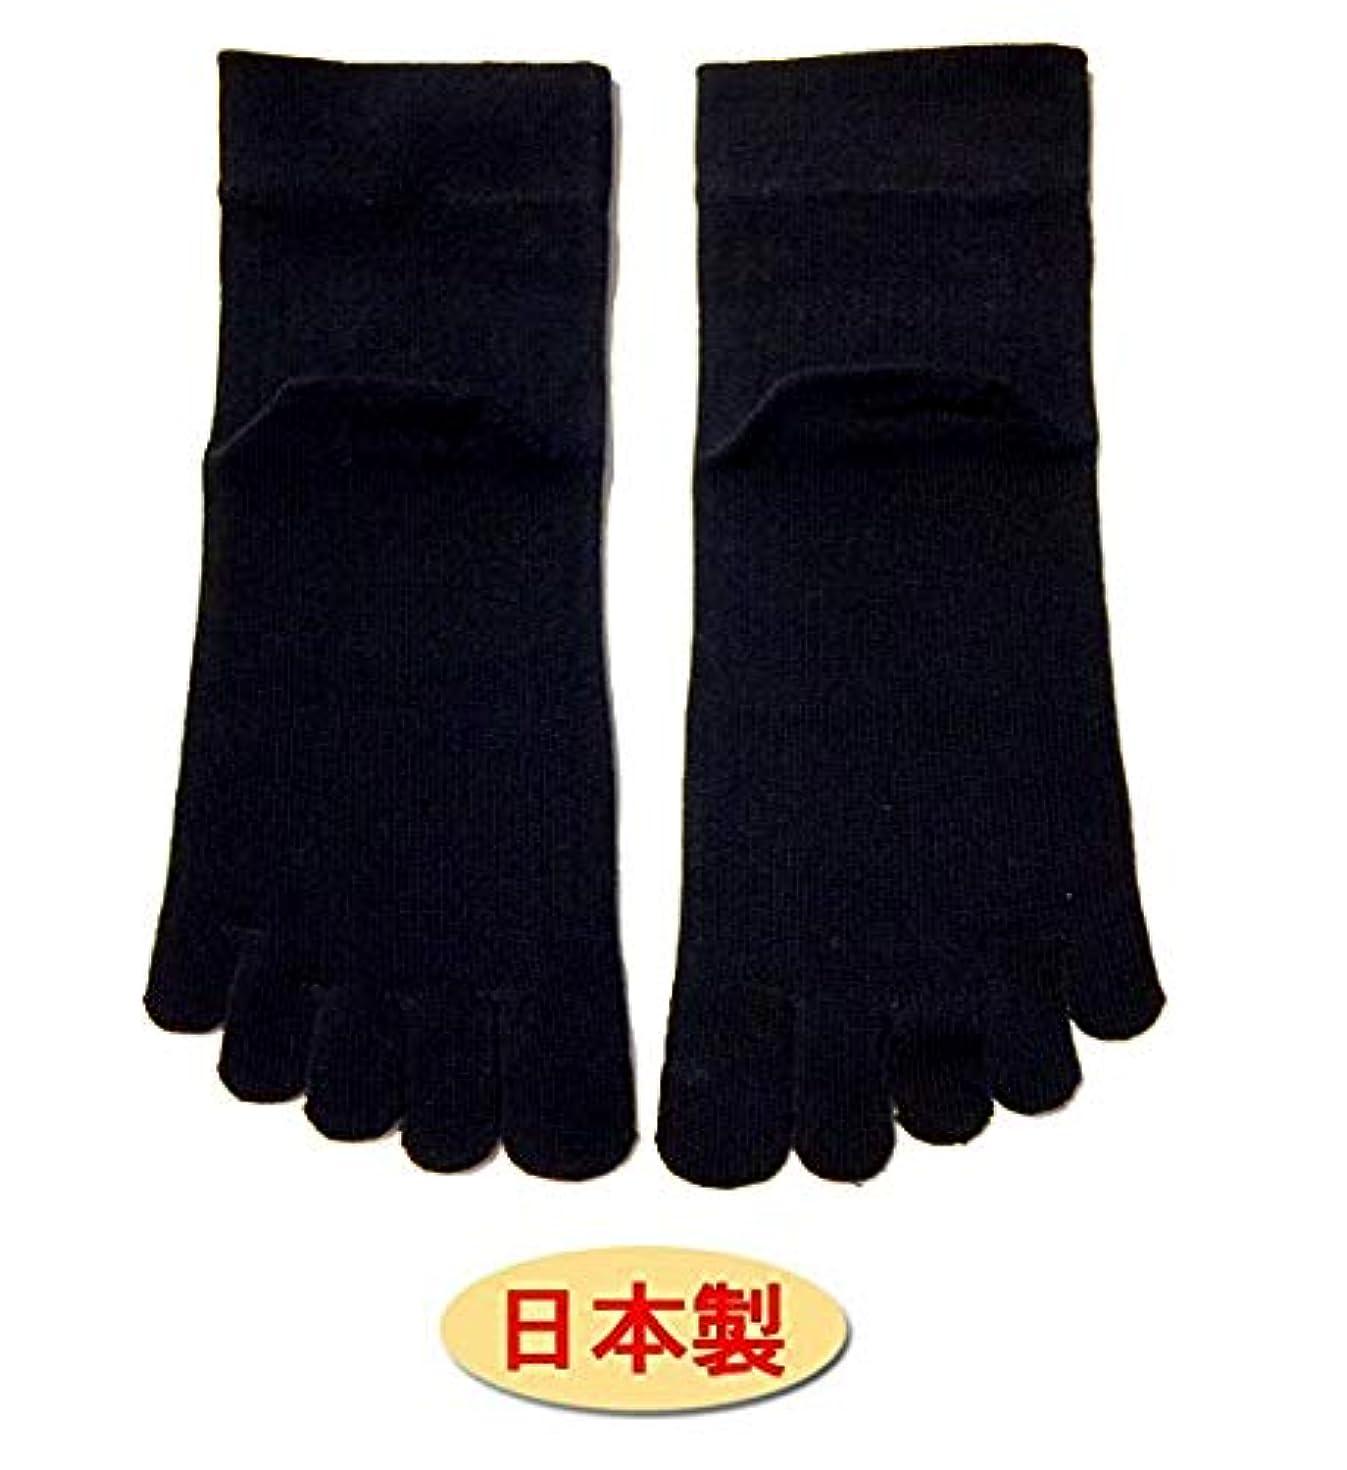 不安定な送金カエル日本製 5本指ソックス レディース 爽やか表綿100% 口ゴムゆったり 22-25cm 3足組(黒色)